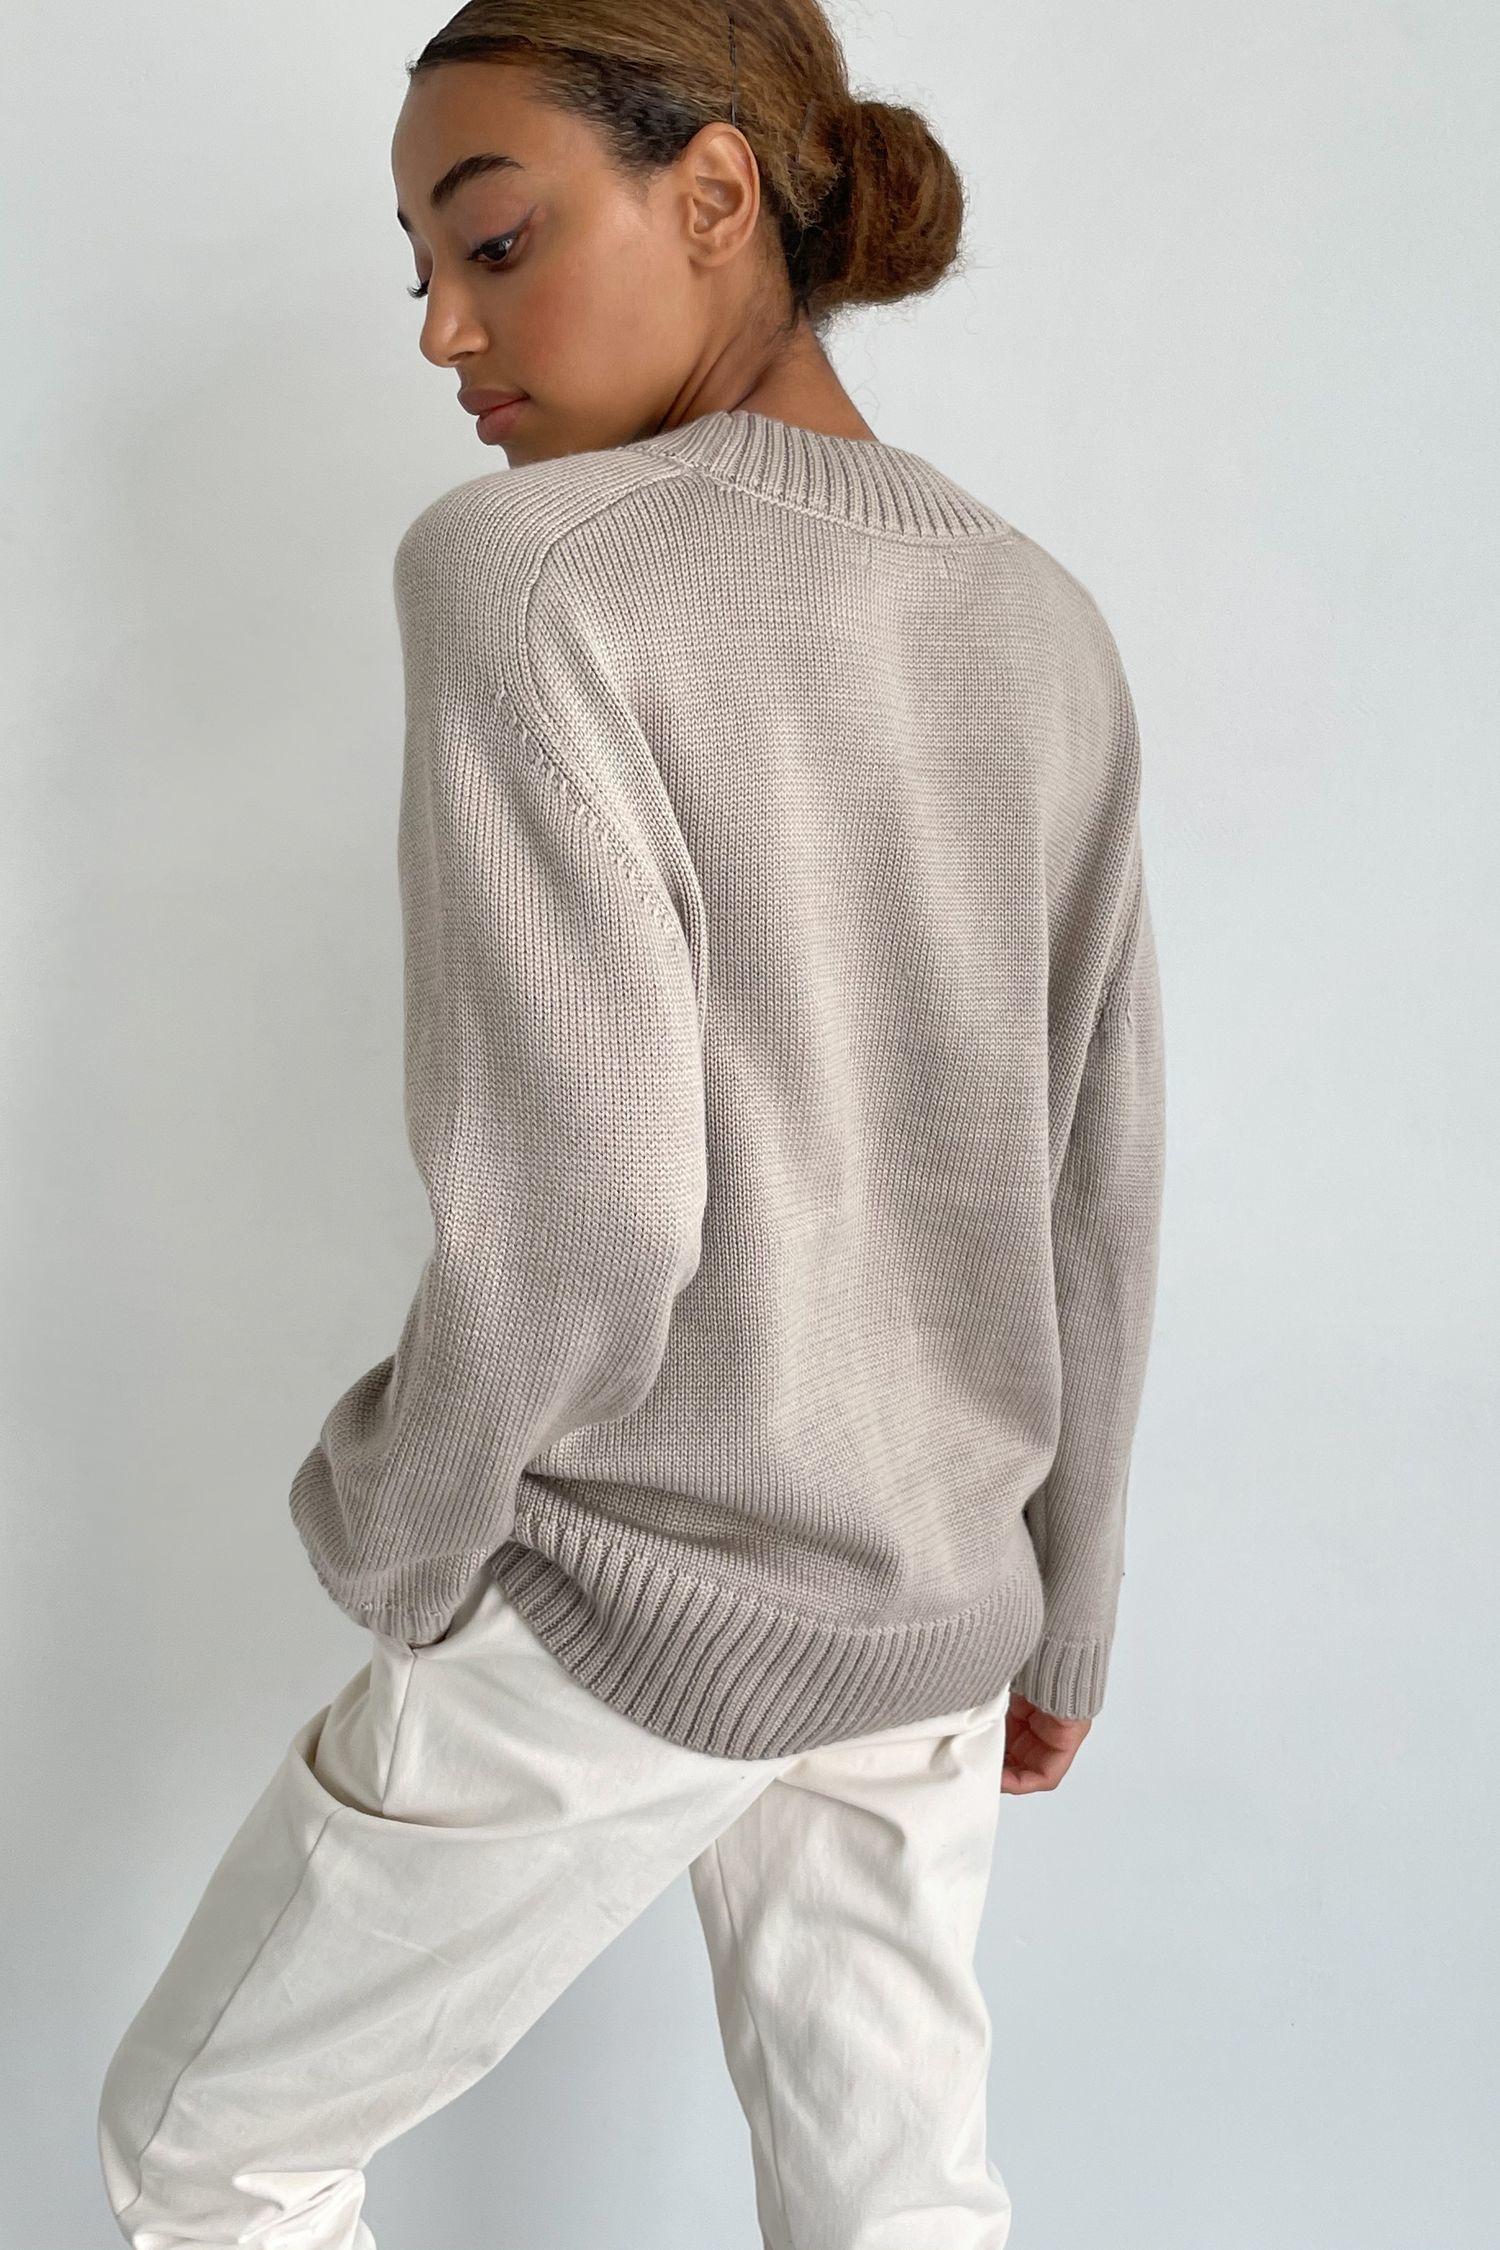 Бежевый шерстяной свитер прямого кроя - THE LACE